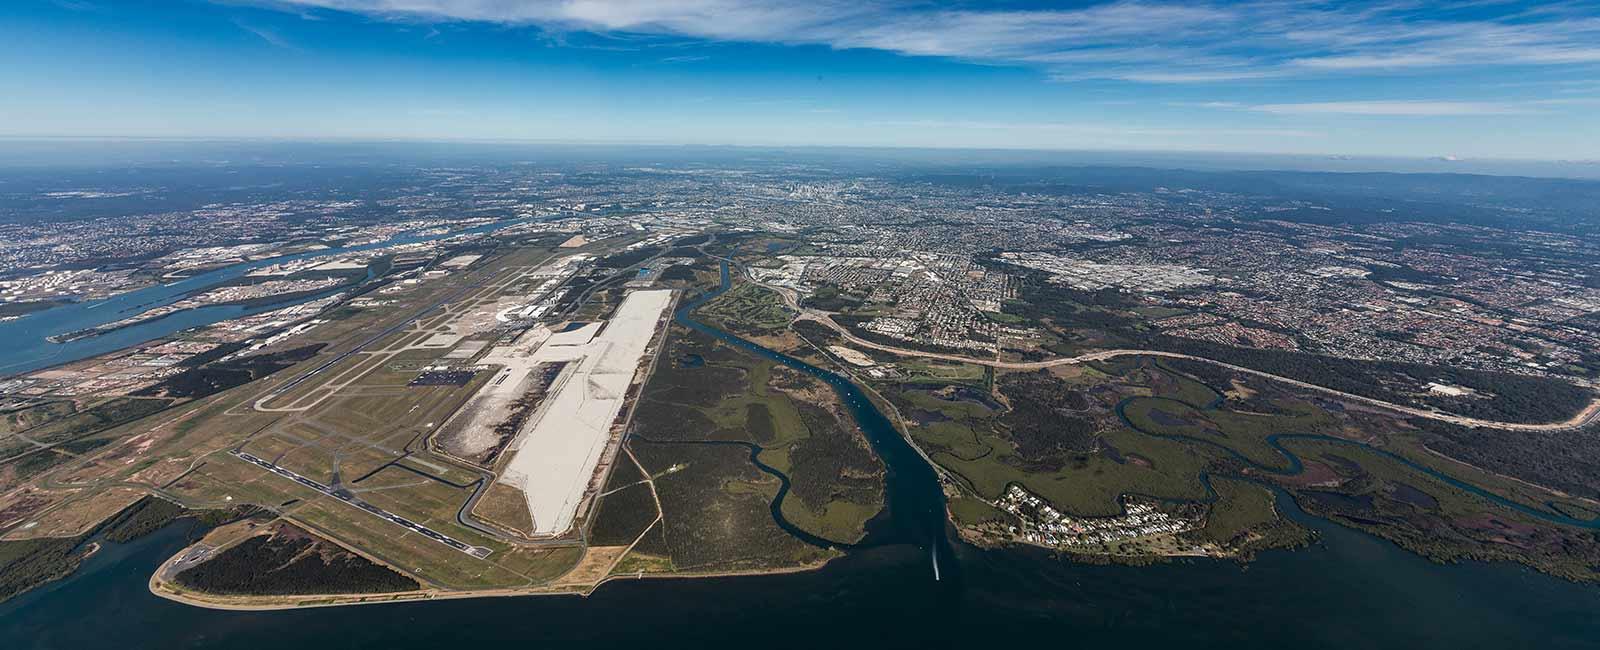 Brisbanes-New-Runway-Aerial-Nov-2017